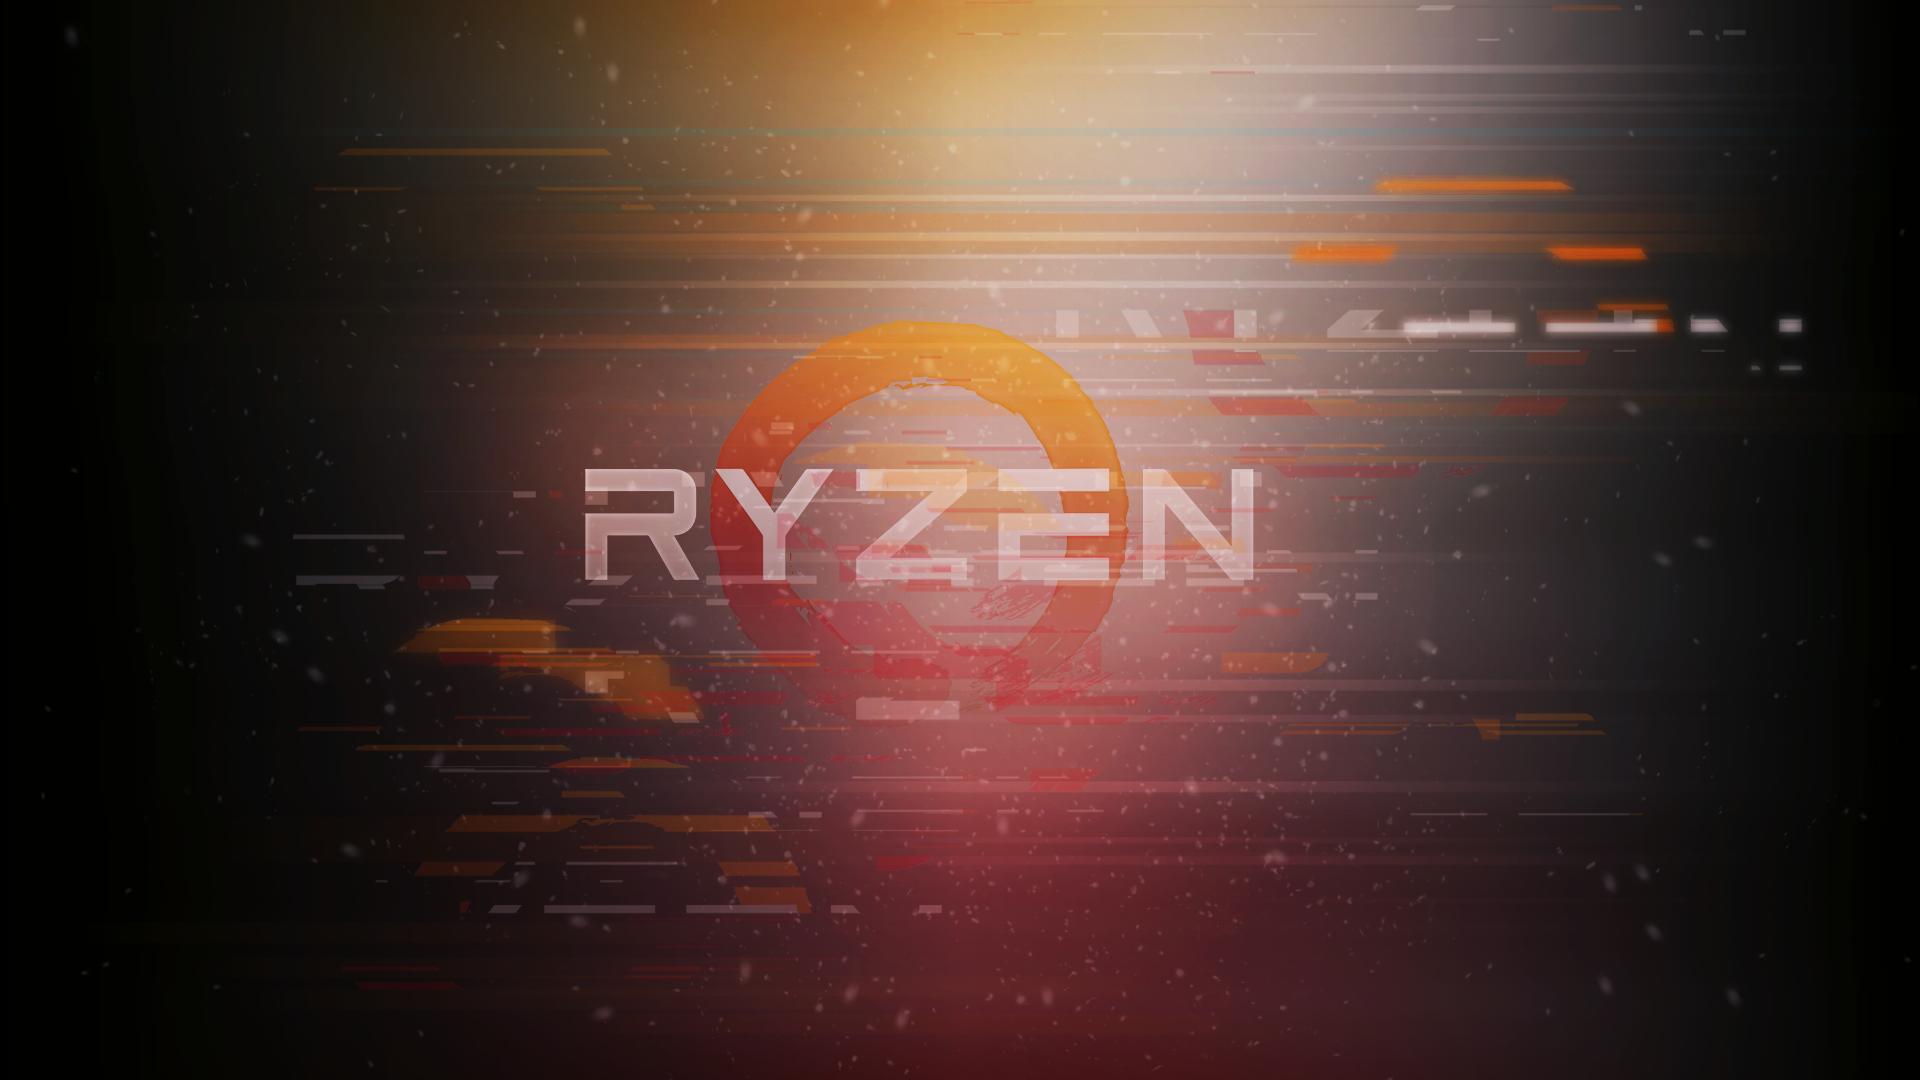 Download Ryzen Wallpaper Hd Backgrounds Download Itlcat